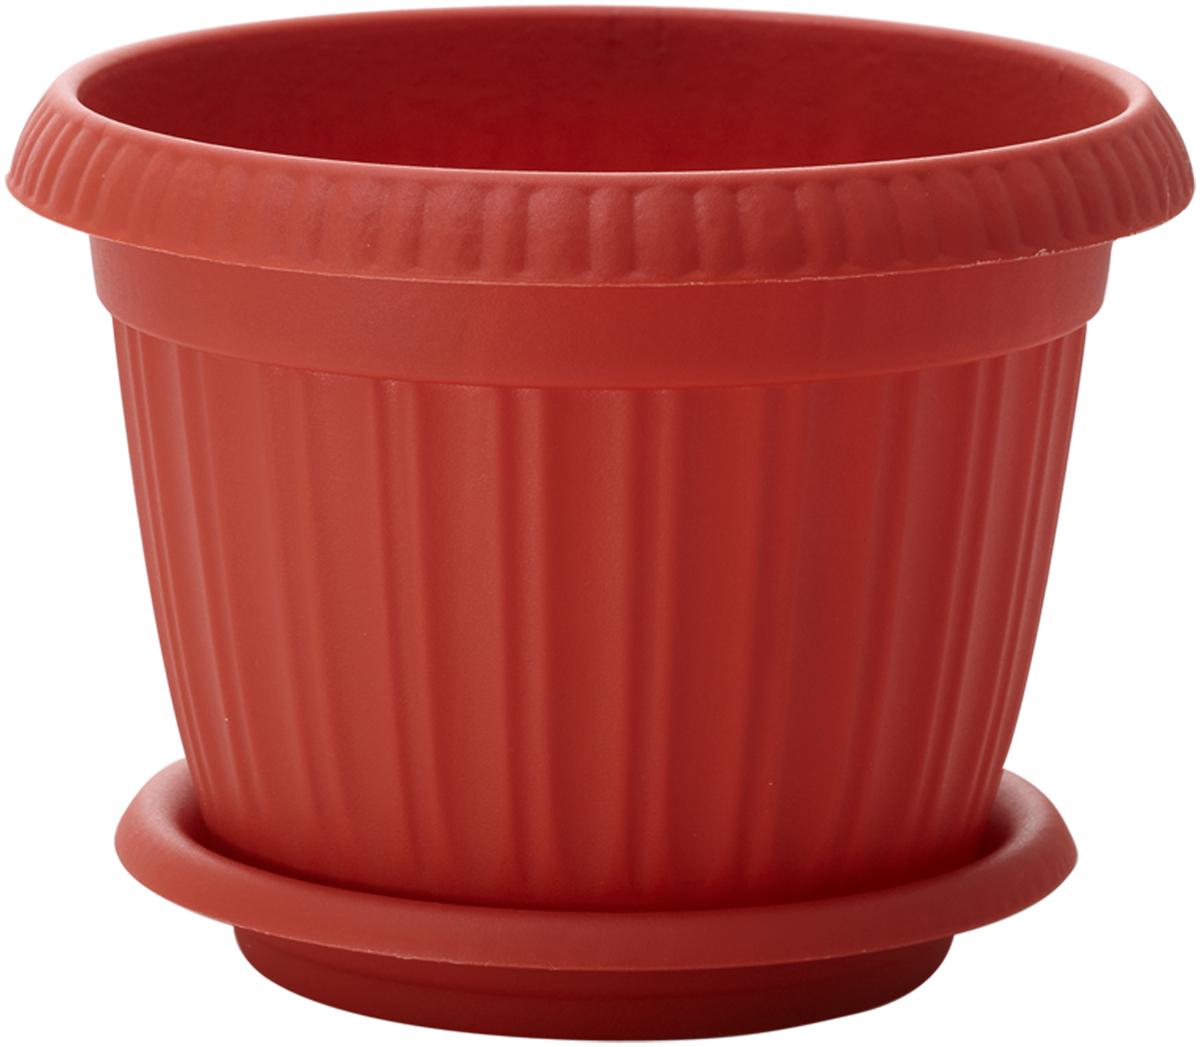 Горшок для цветов InGreen Таити, с подставкой, цвет: терракотовый, диаметр 23 см поддон для балконного ящика ingreen цвет белый длина 60 см